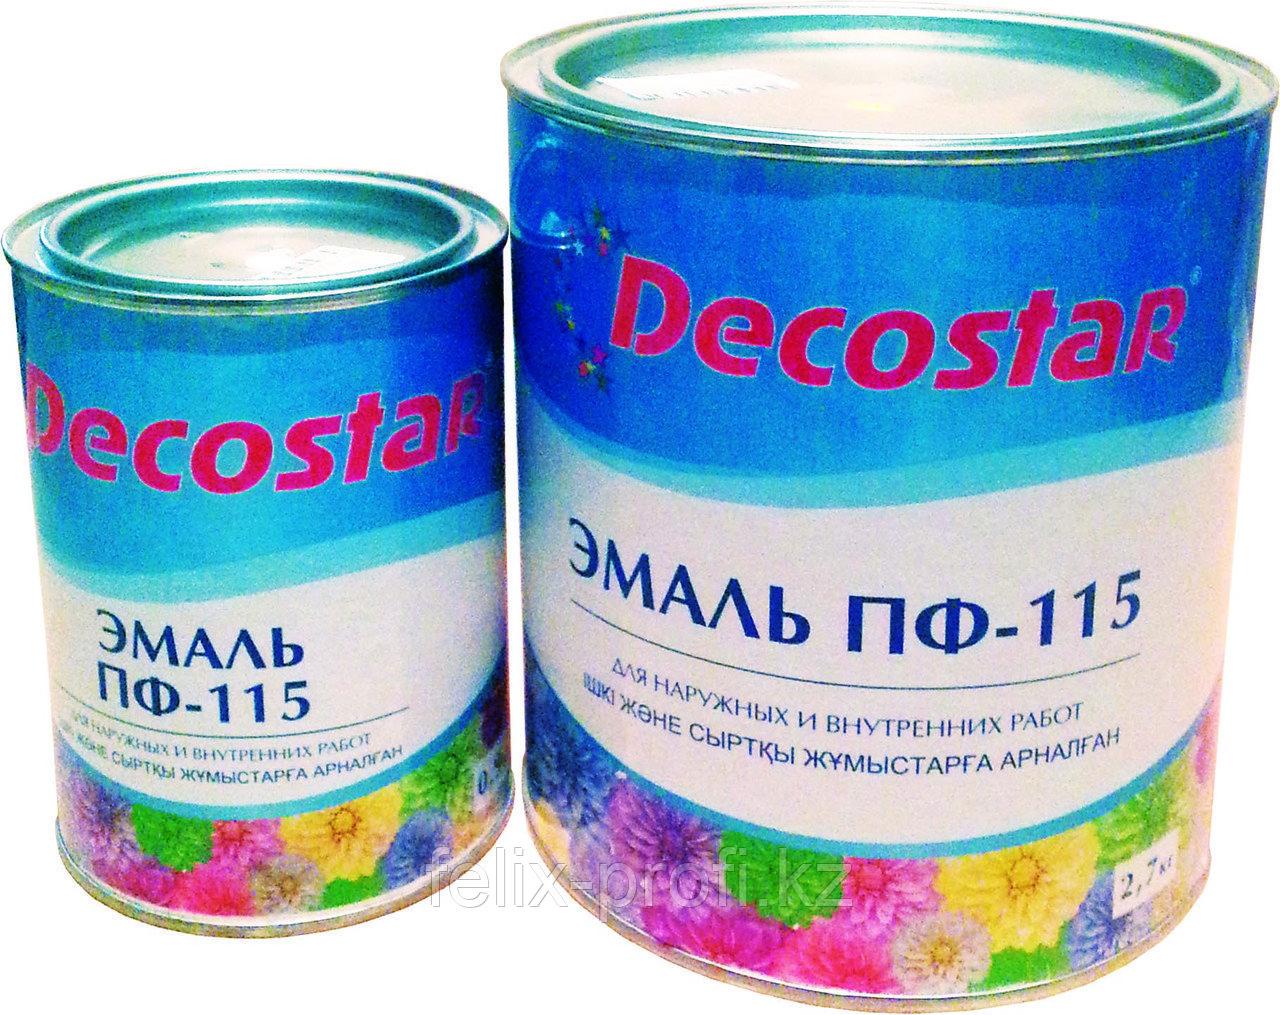 Decostar Эмаль ПФ-115 зеленая, 0.9 кг